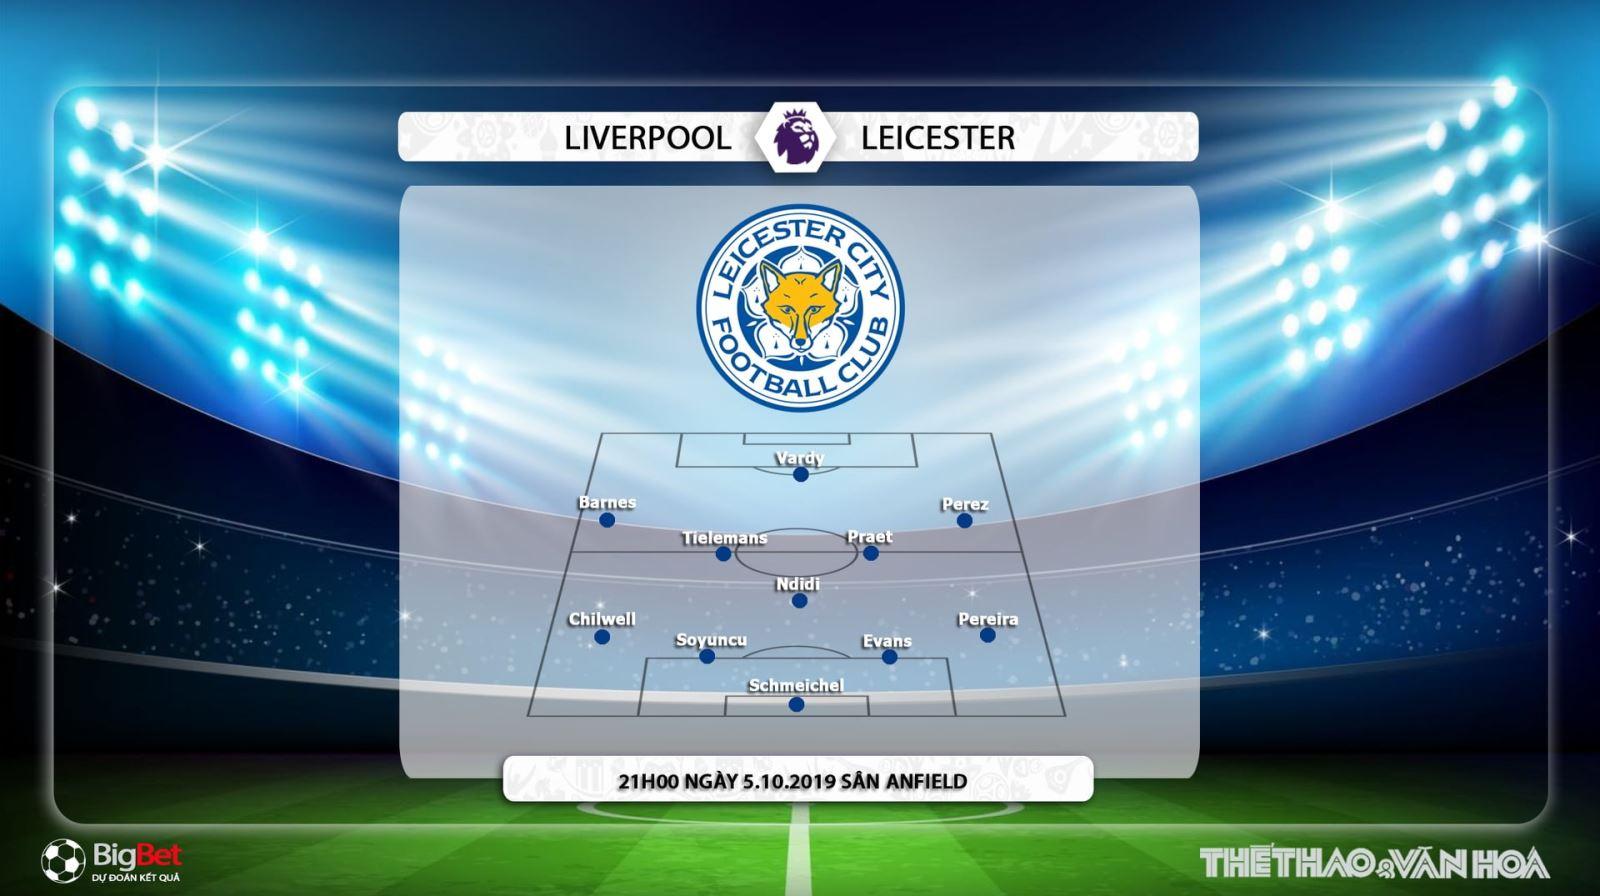 soi kèo bóng đá, Liverpool đấu với Leicester , truc tiep bong da hôm nay, Liverpool vs Leicester, trực tiếp bóng đá, K+, K+PM, K+PC, xem bóng đá trực tuyến, Liverpool